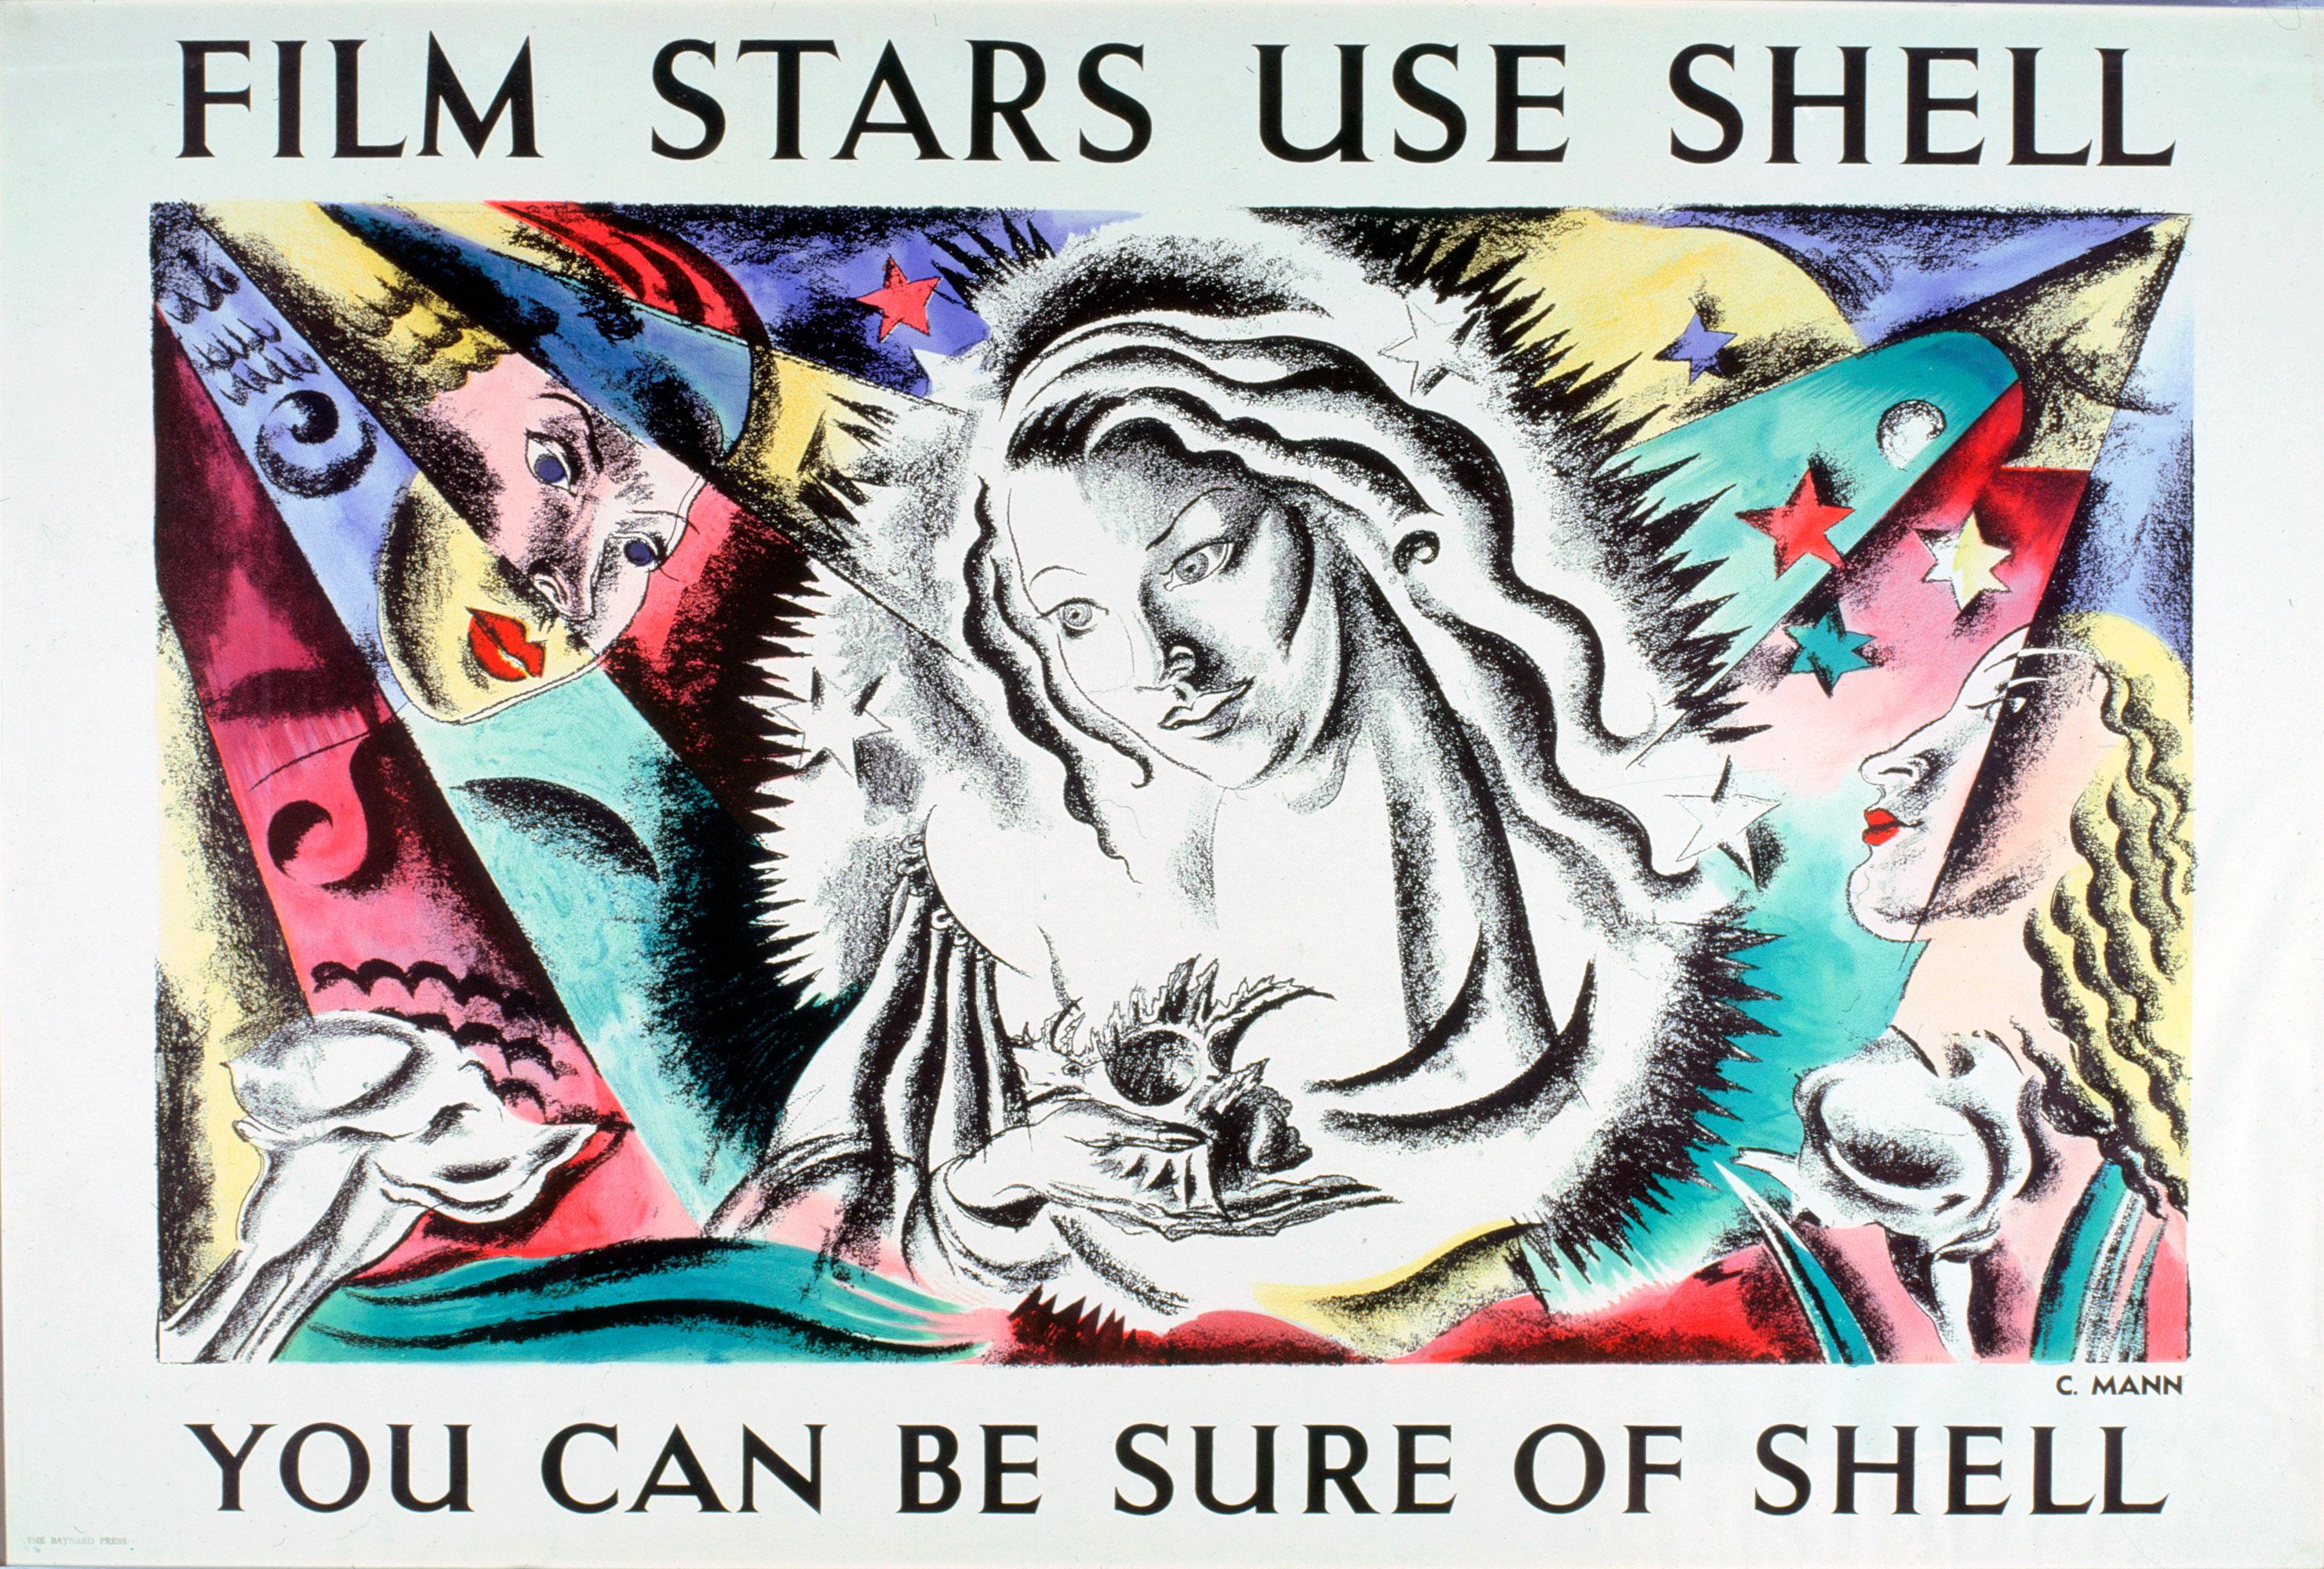 Shell Poster 525 Film Stars use Shell, Cathleen Mann, 1938